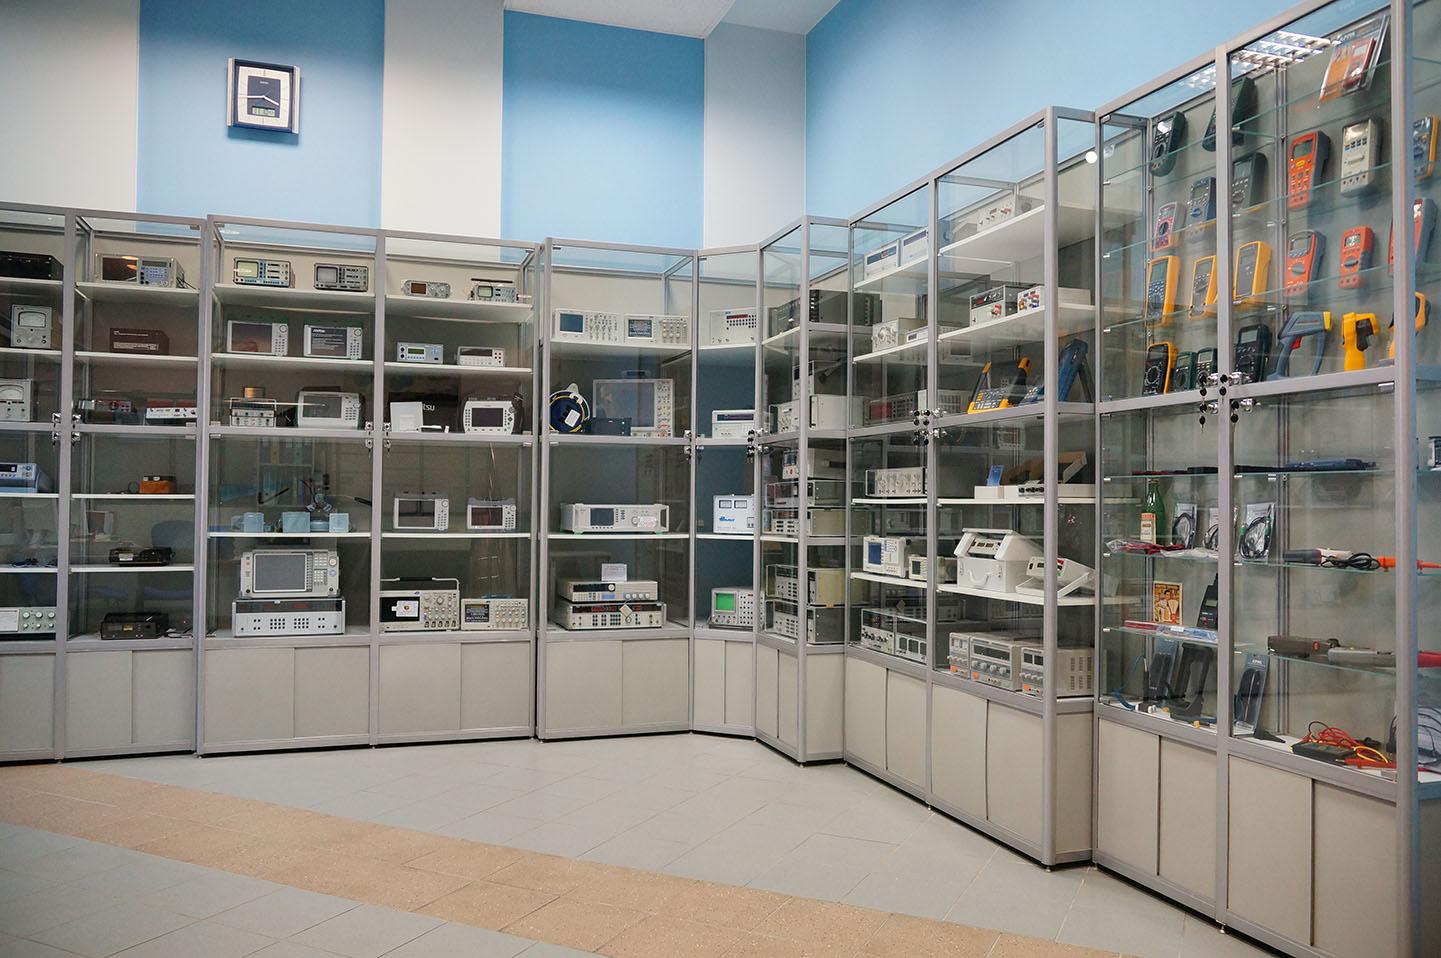 Научно-производственная организация «Радар»